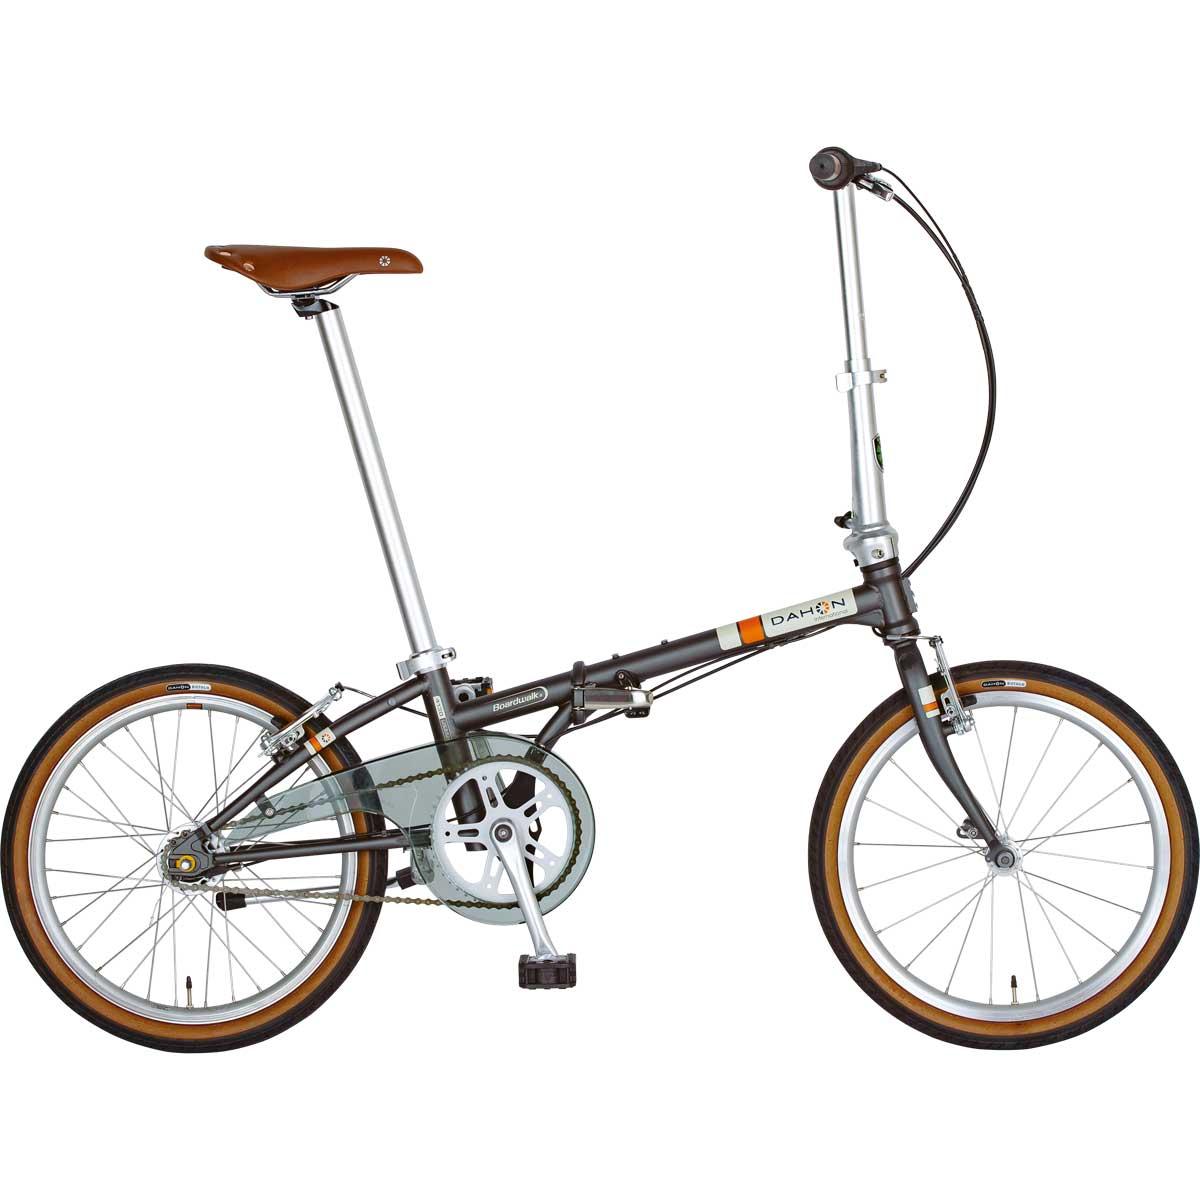 DAHON/ダホン Boardwalk I5 ボードウォーク I5 マットダークグレー(9008) 折りたたみ自転車 自転車本体